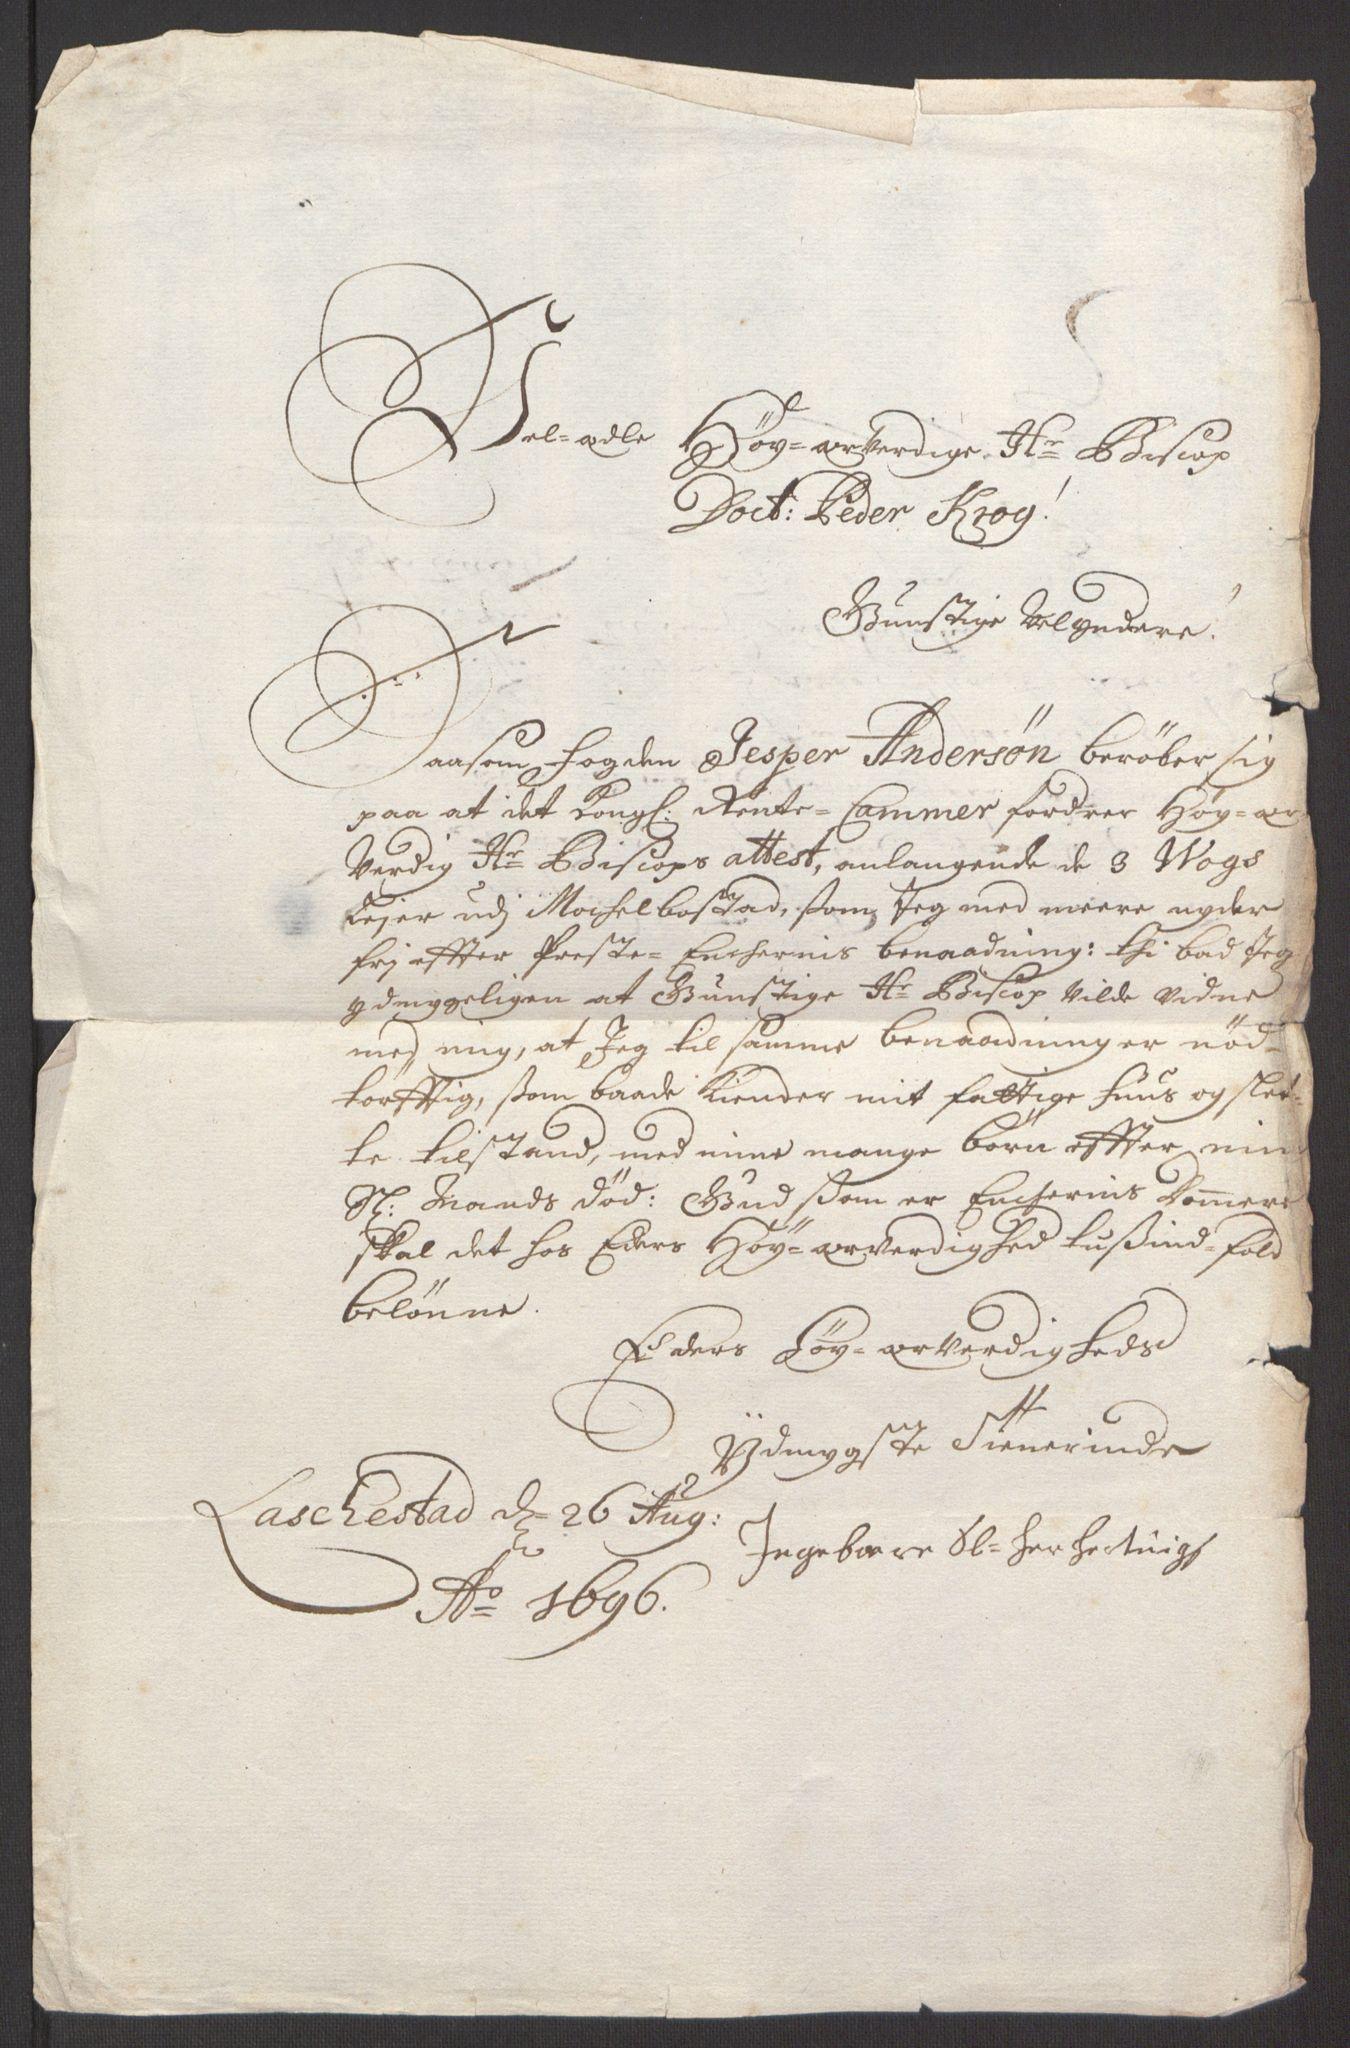 RA, Rentekammeret inntil 1814, Reviderte regnskaper, Fogderegnskap, R66/L4578: Fogderegnskap Salten, 1694-1696, s. 272